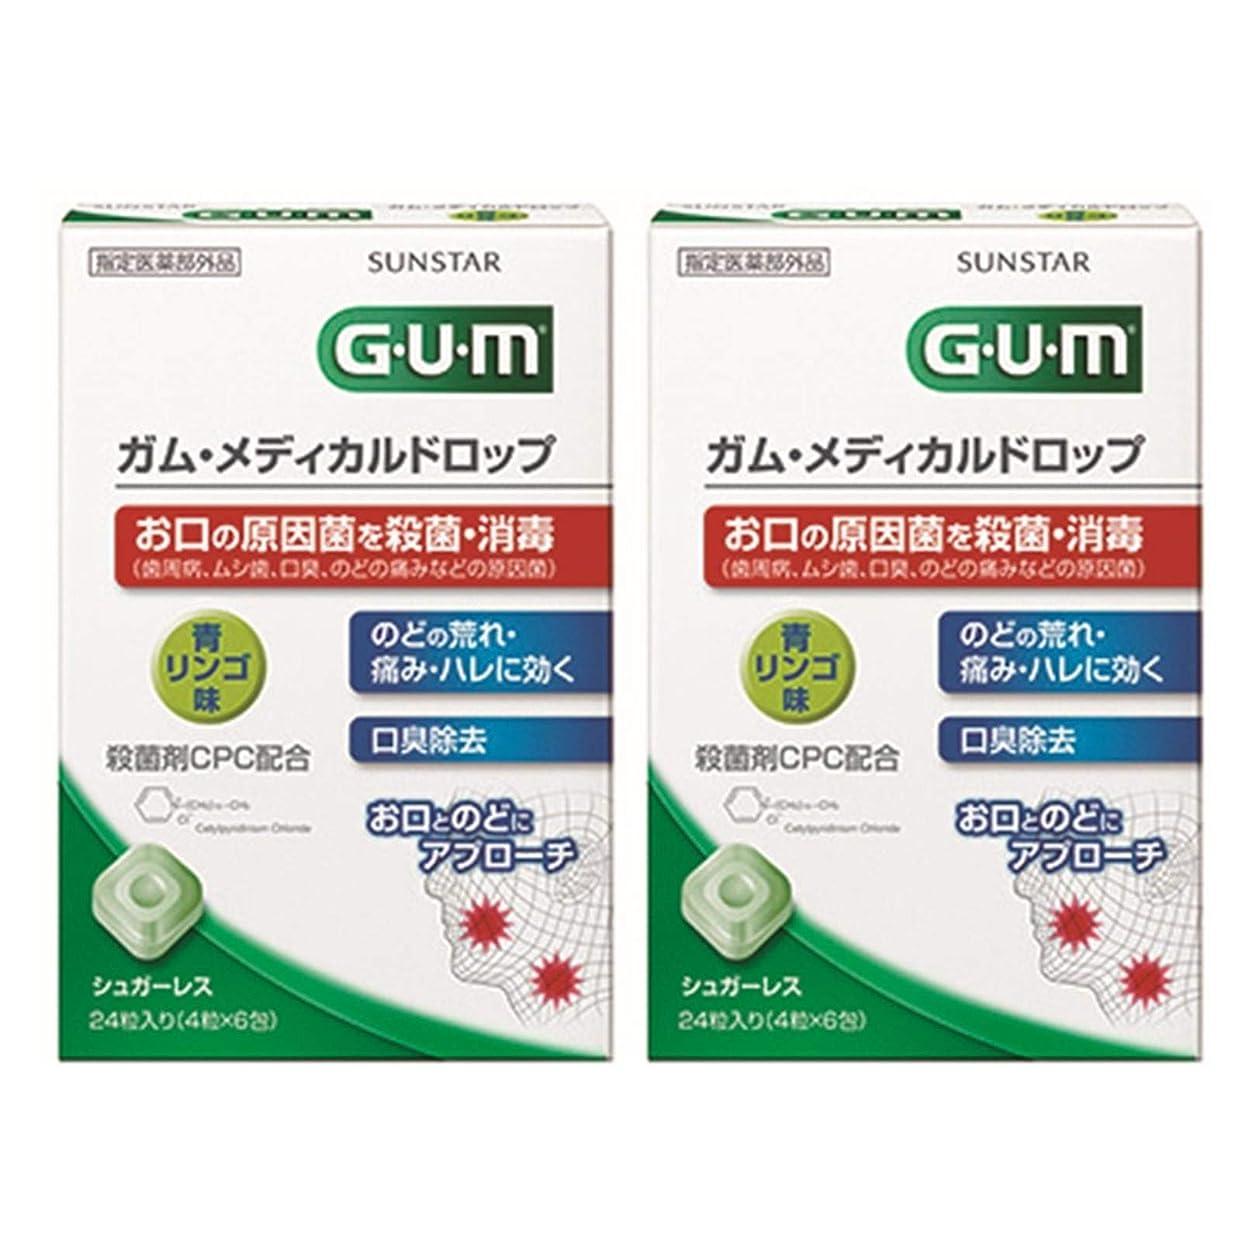 必須ウィスキー気分が悪い[指定医薬部外品] GUM(ガム) メディカルドロップ 青リンゴ味 2個パック <口臭除去?のどの荒れ、痛み、ハレ対策>